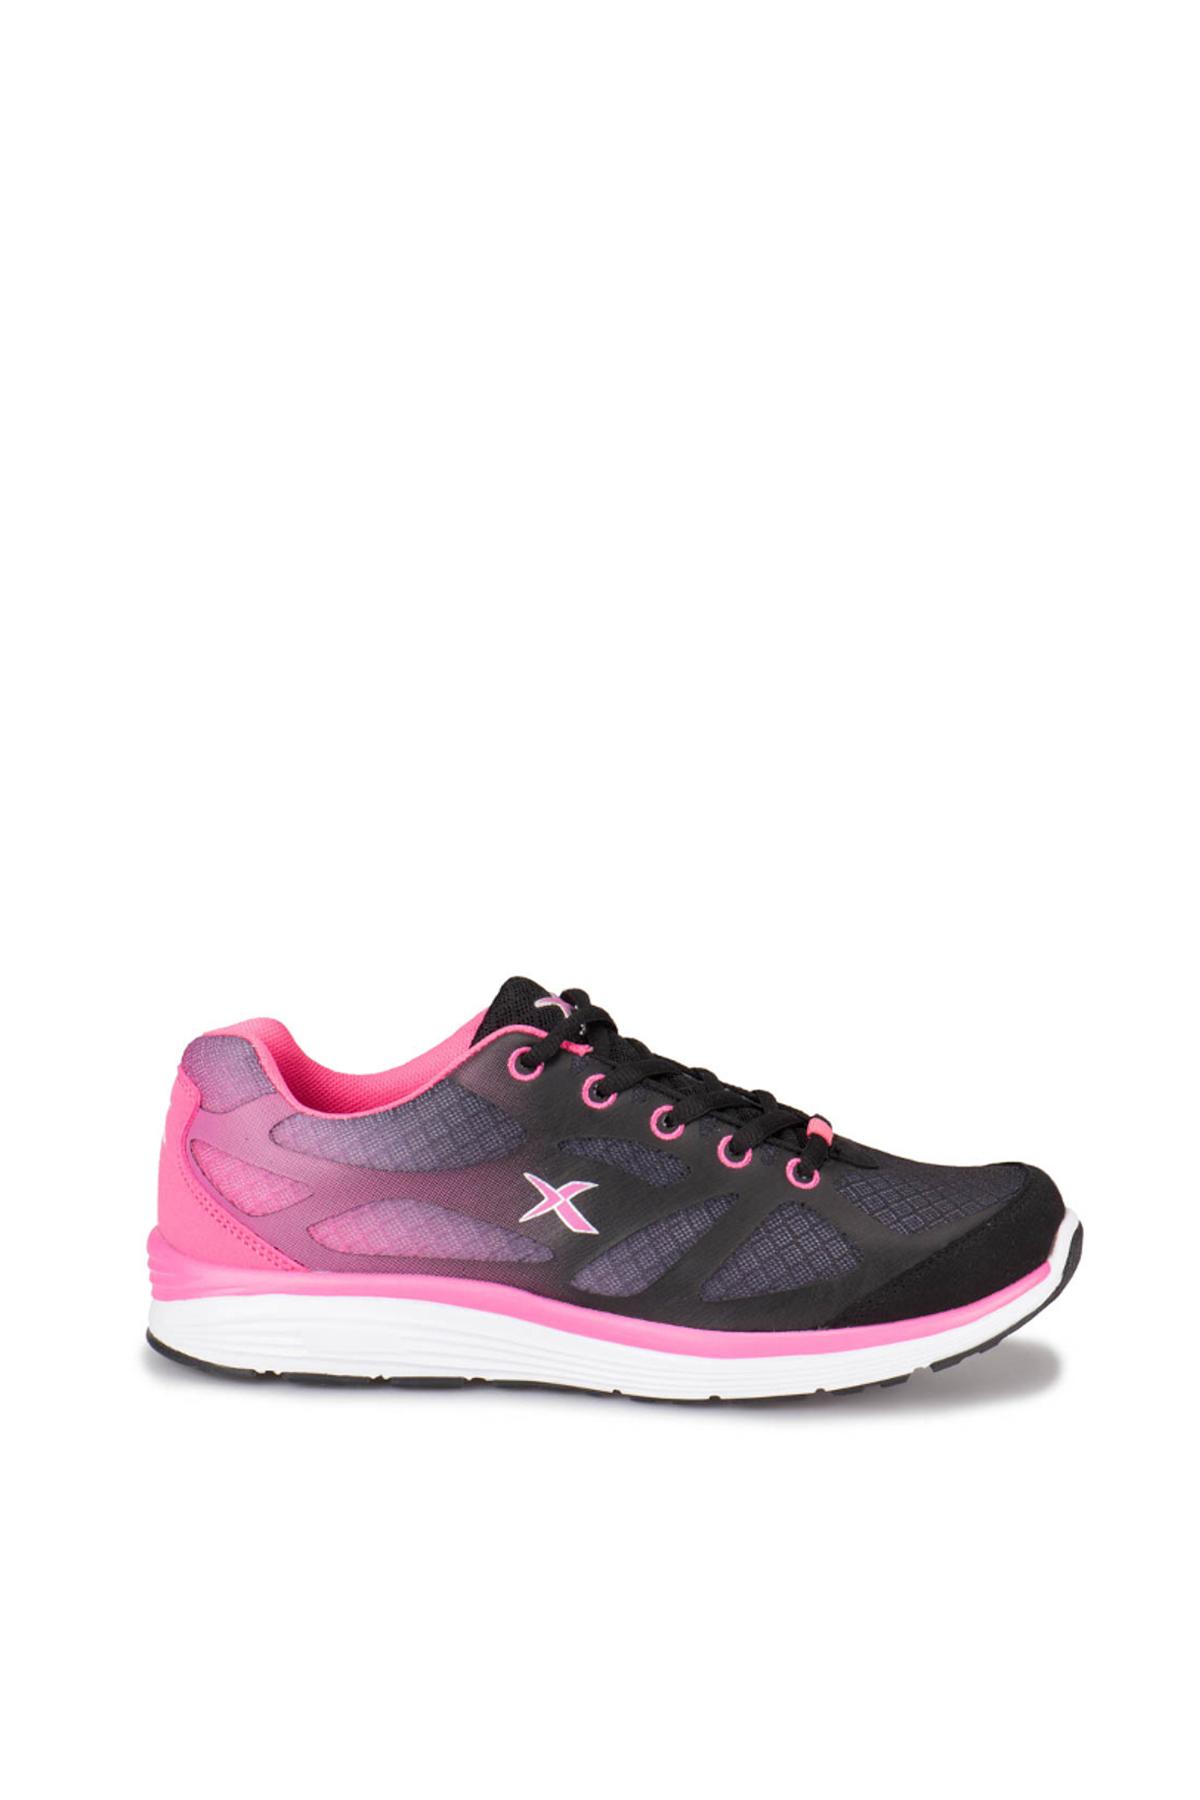 Kinetix A1315671 Fuşya Siyah Kadın Koşu Ayakkabısı 100223305 2